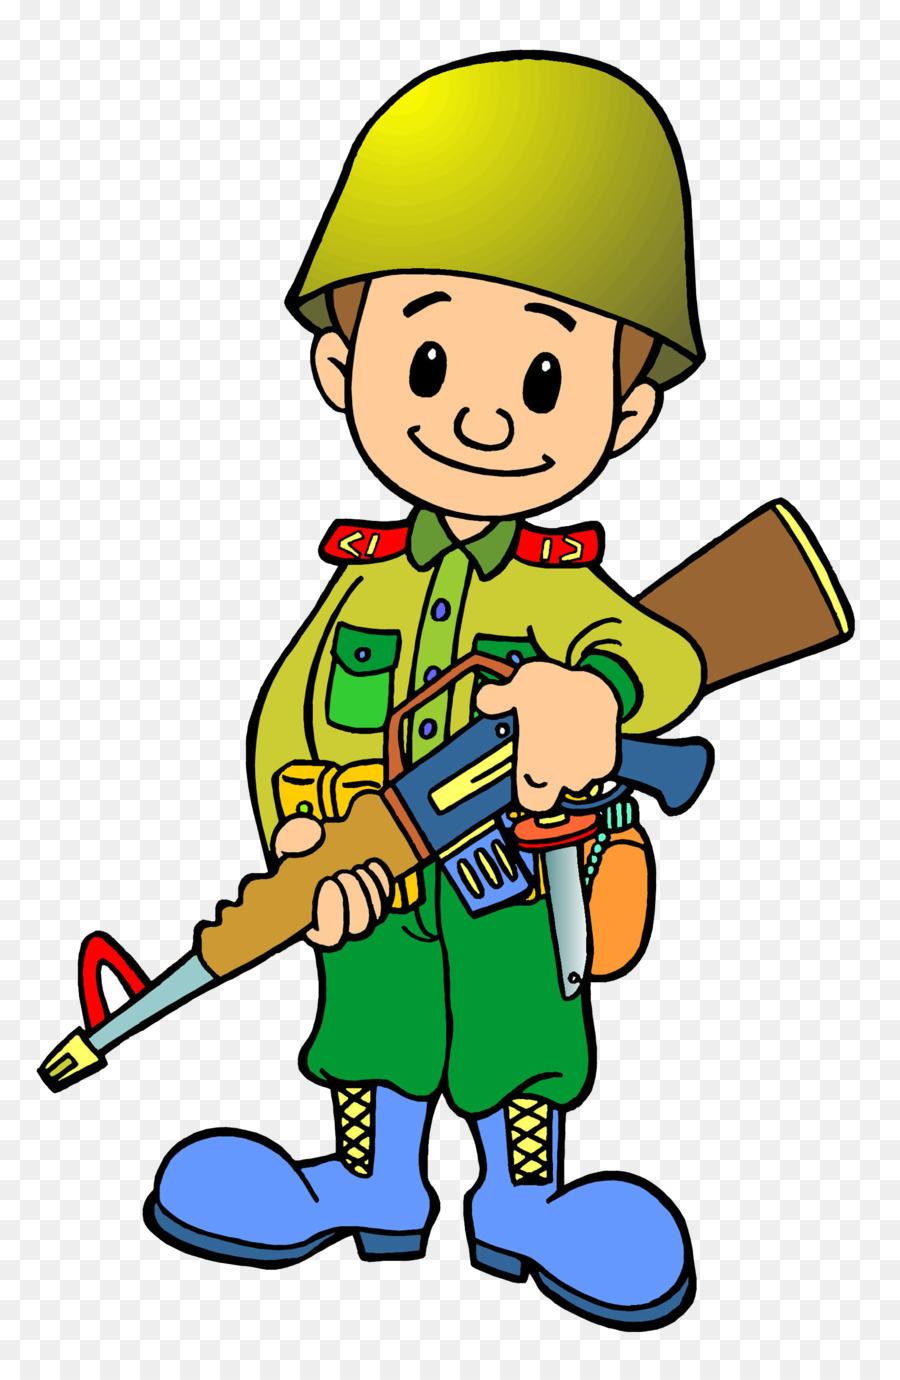 Юные дизайнеры военной формы продолжают радовать своими рисунками